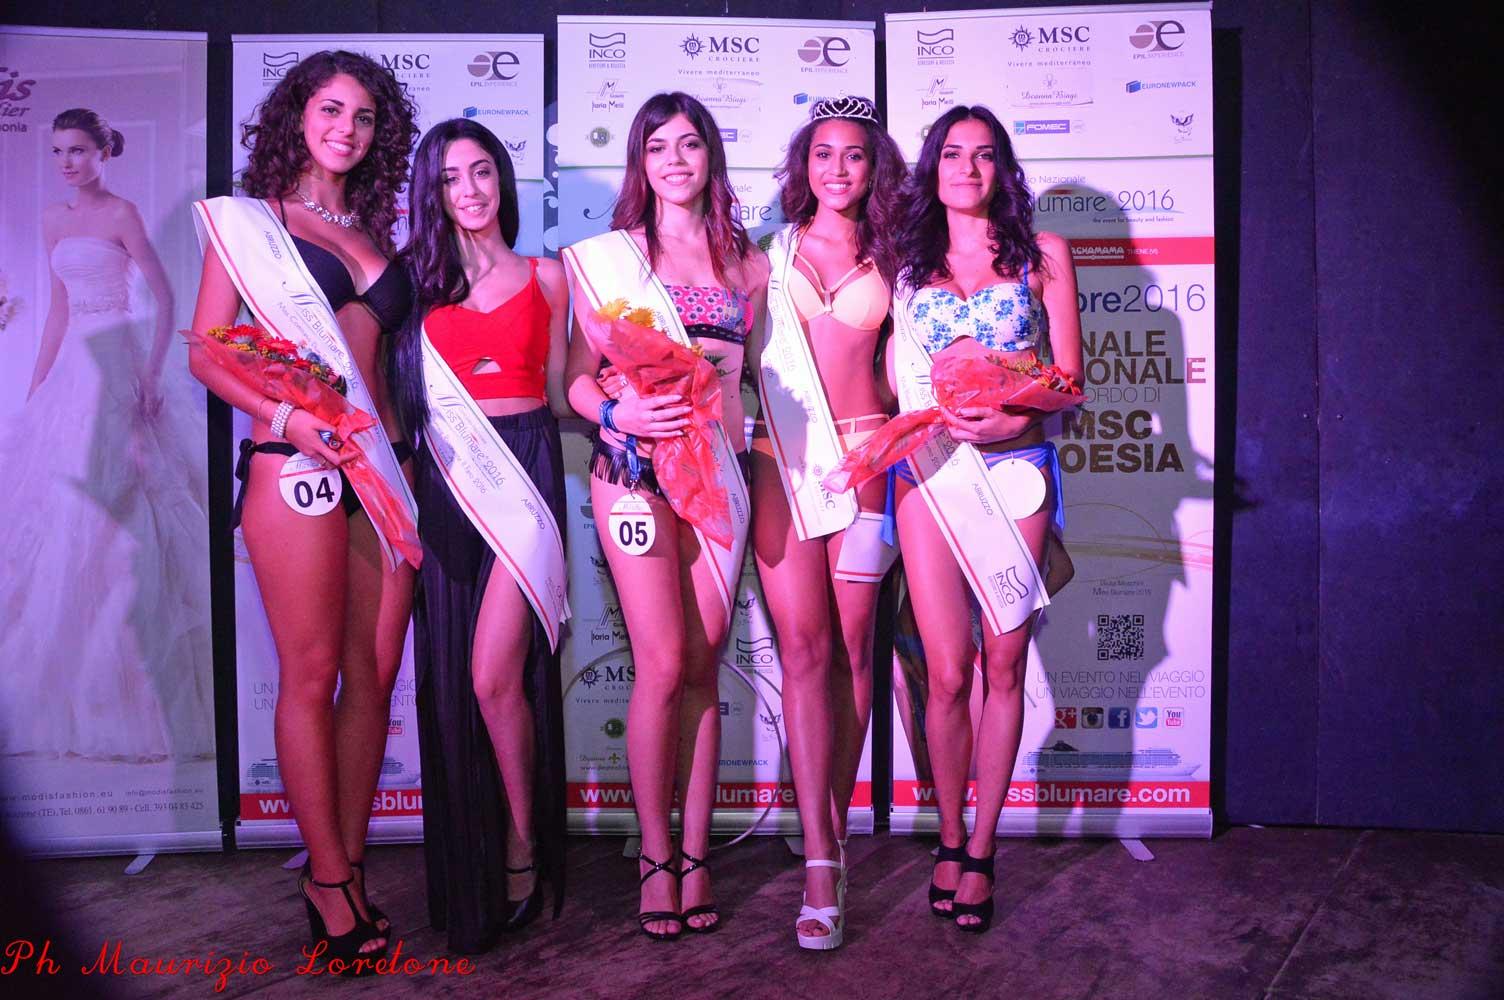 Finale Regionale di Miss Blumare Abruzzo 2016, le vincitrici